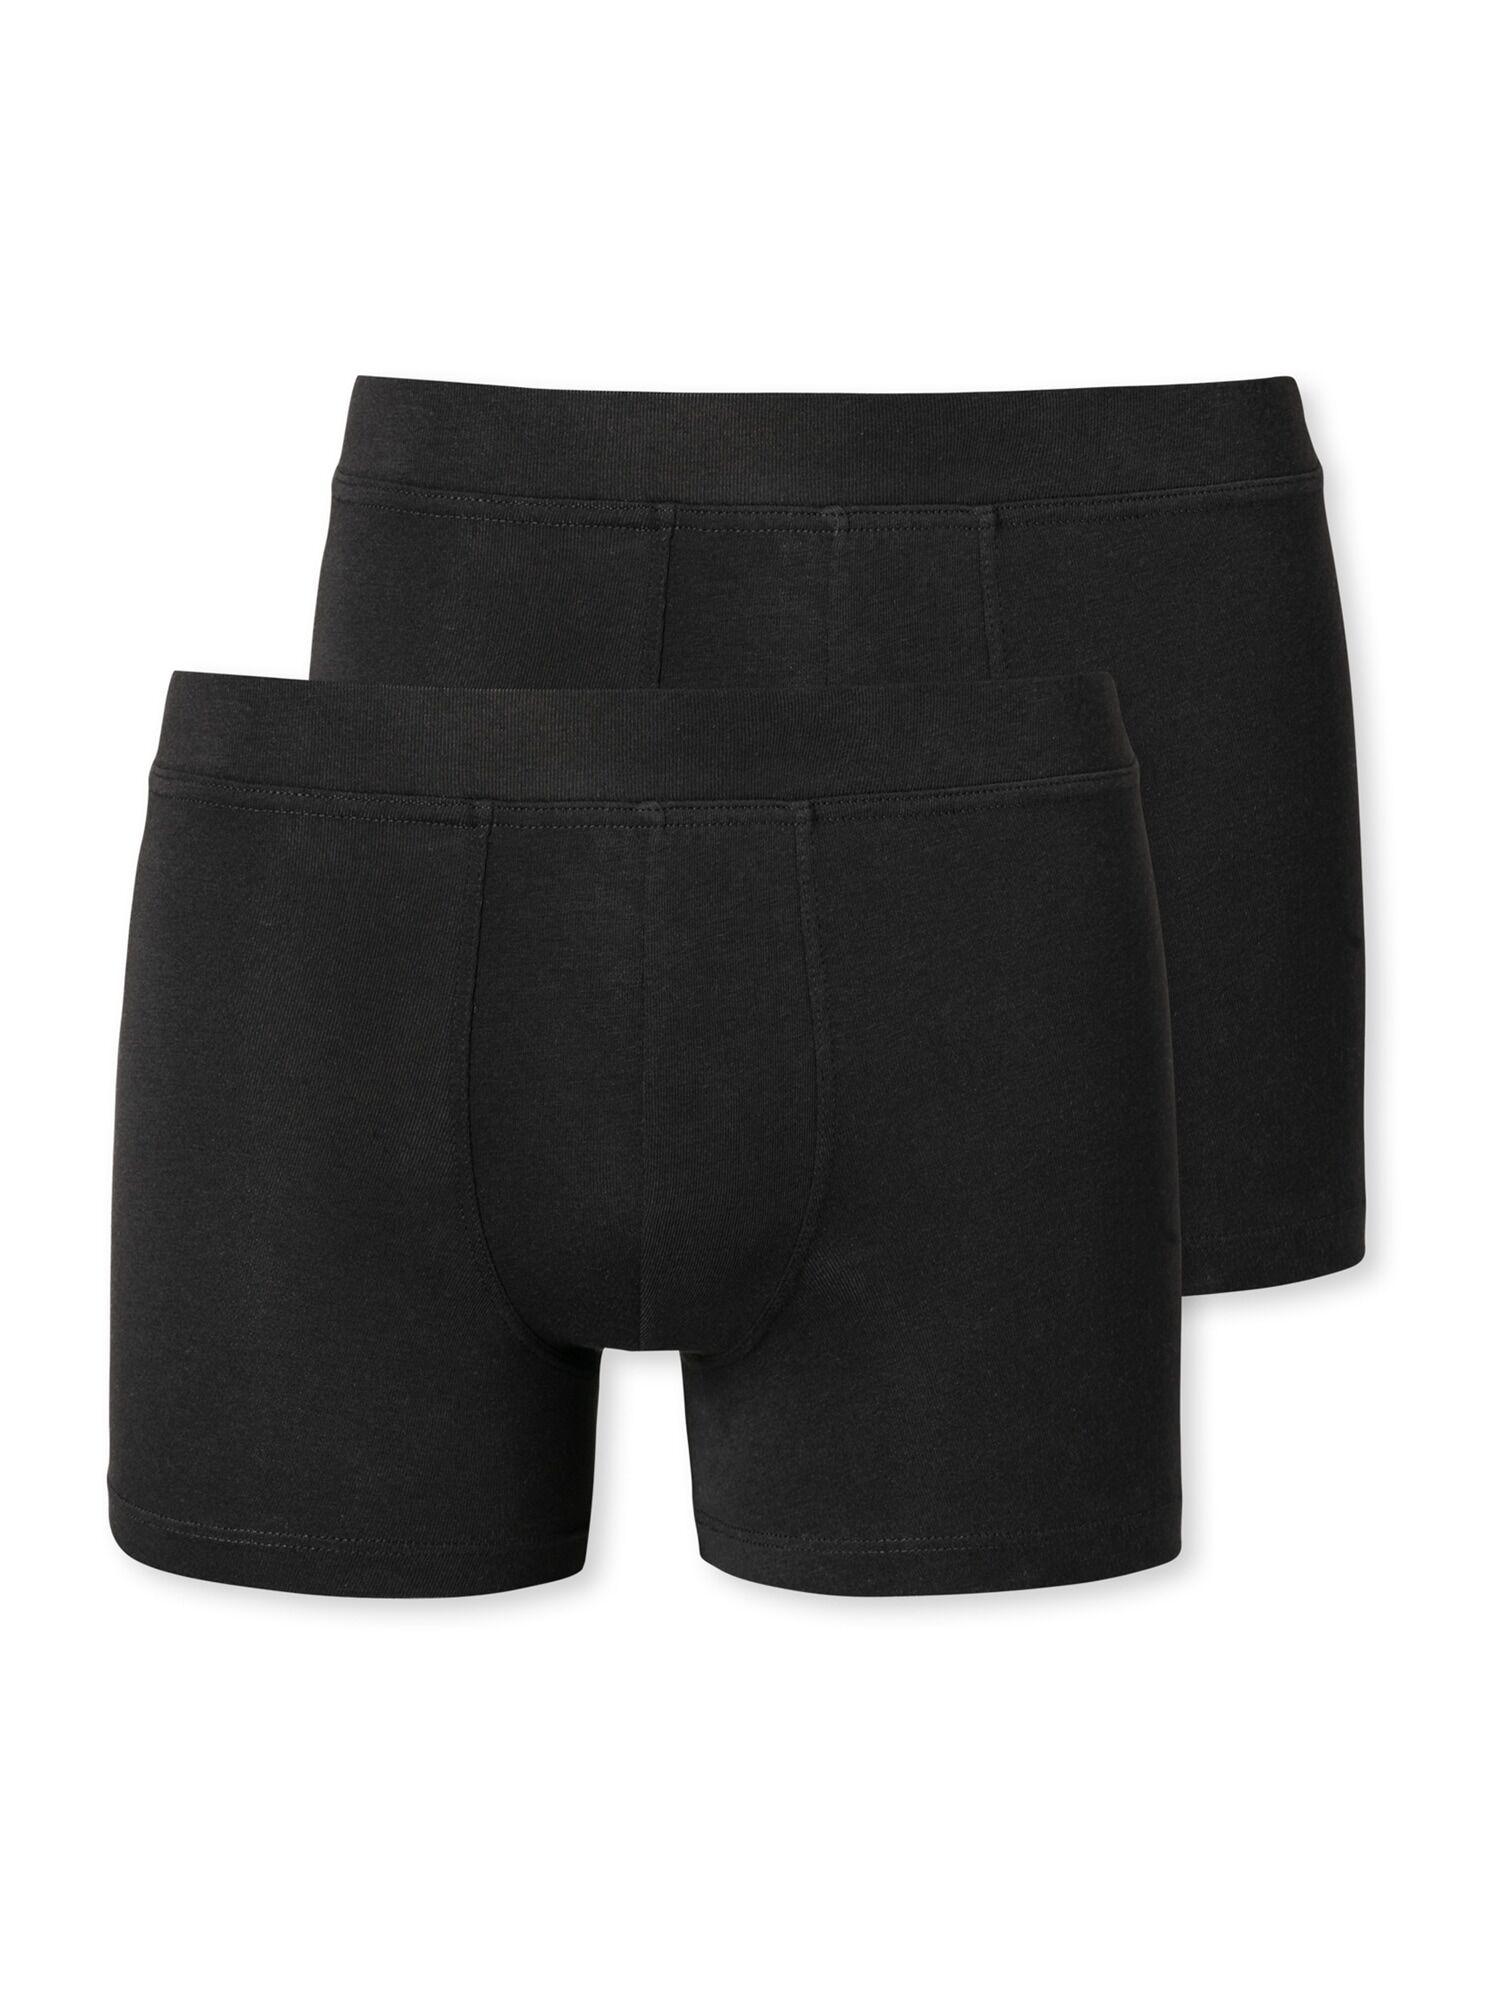 SCHIESSER Sous-vêtements  - Noir - Taille: 176 - boy